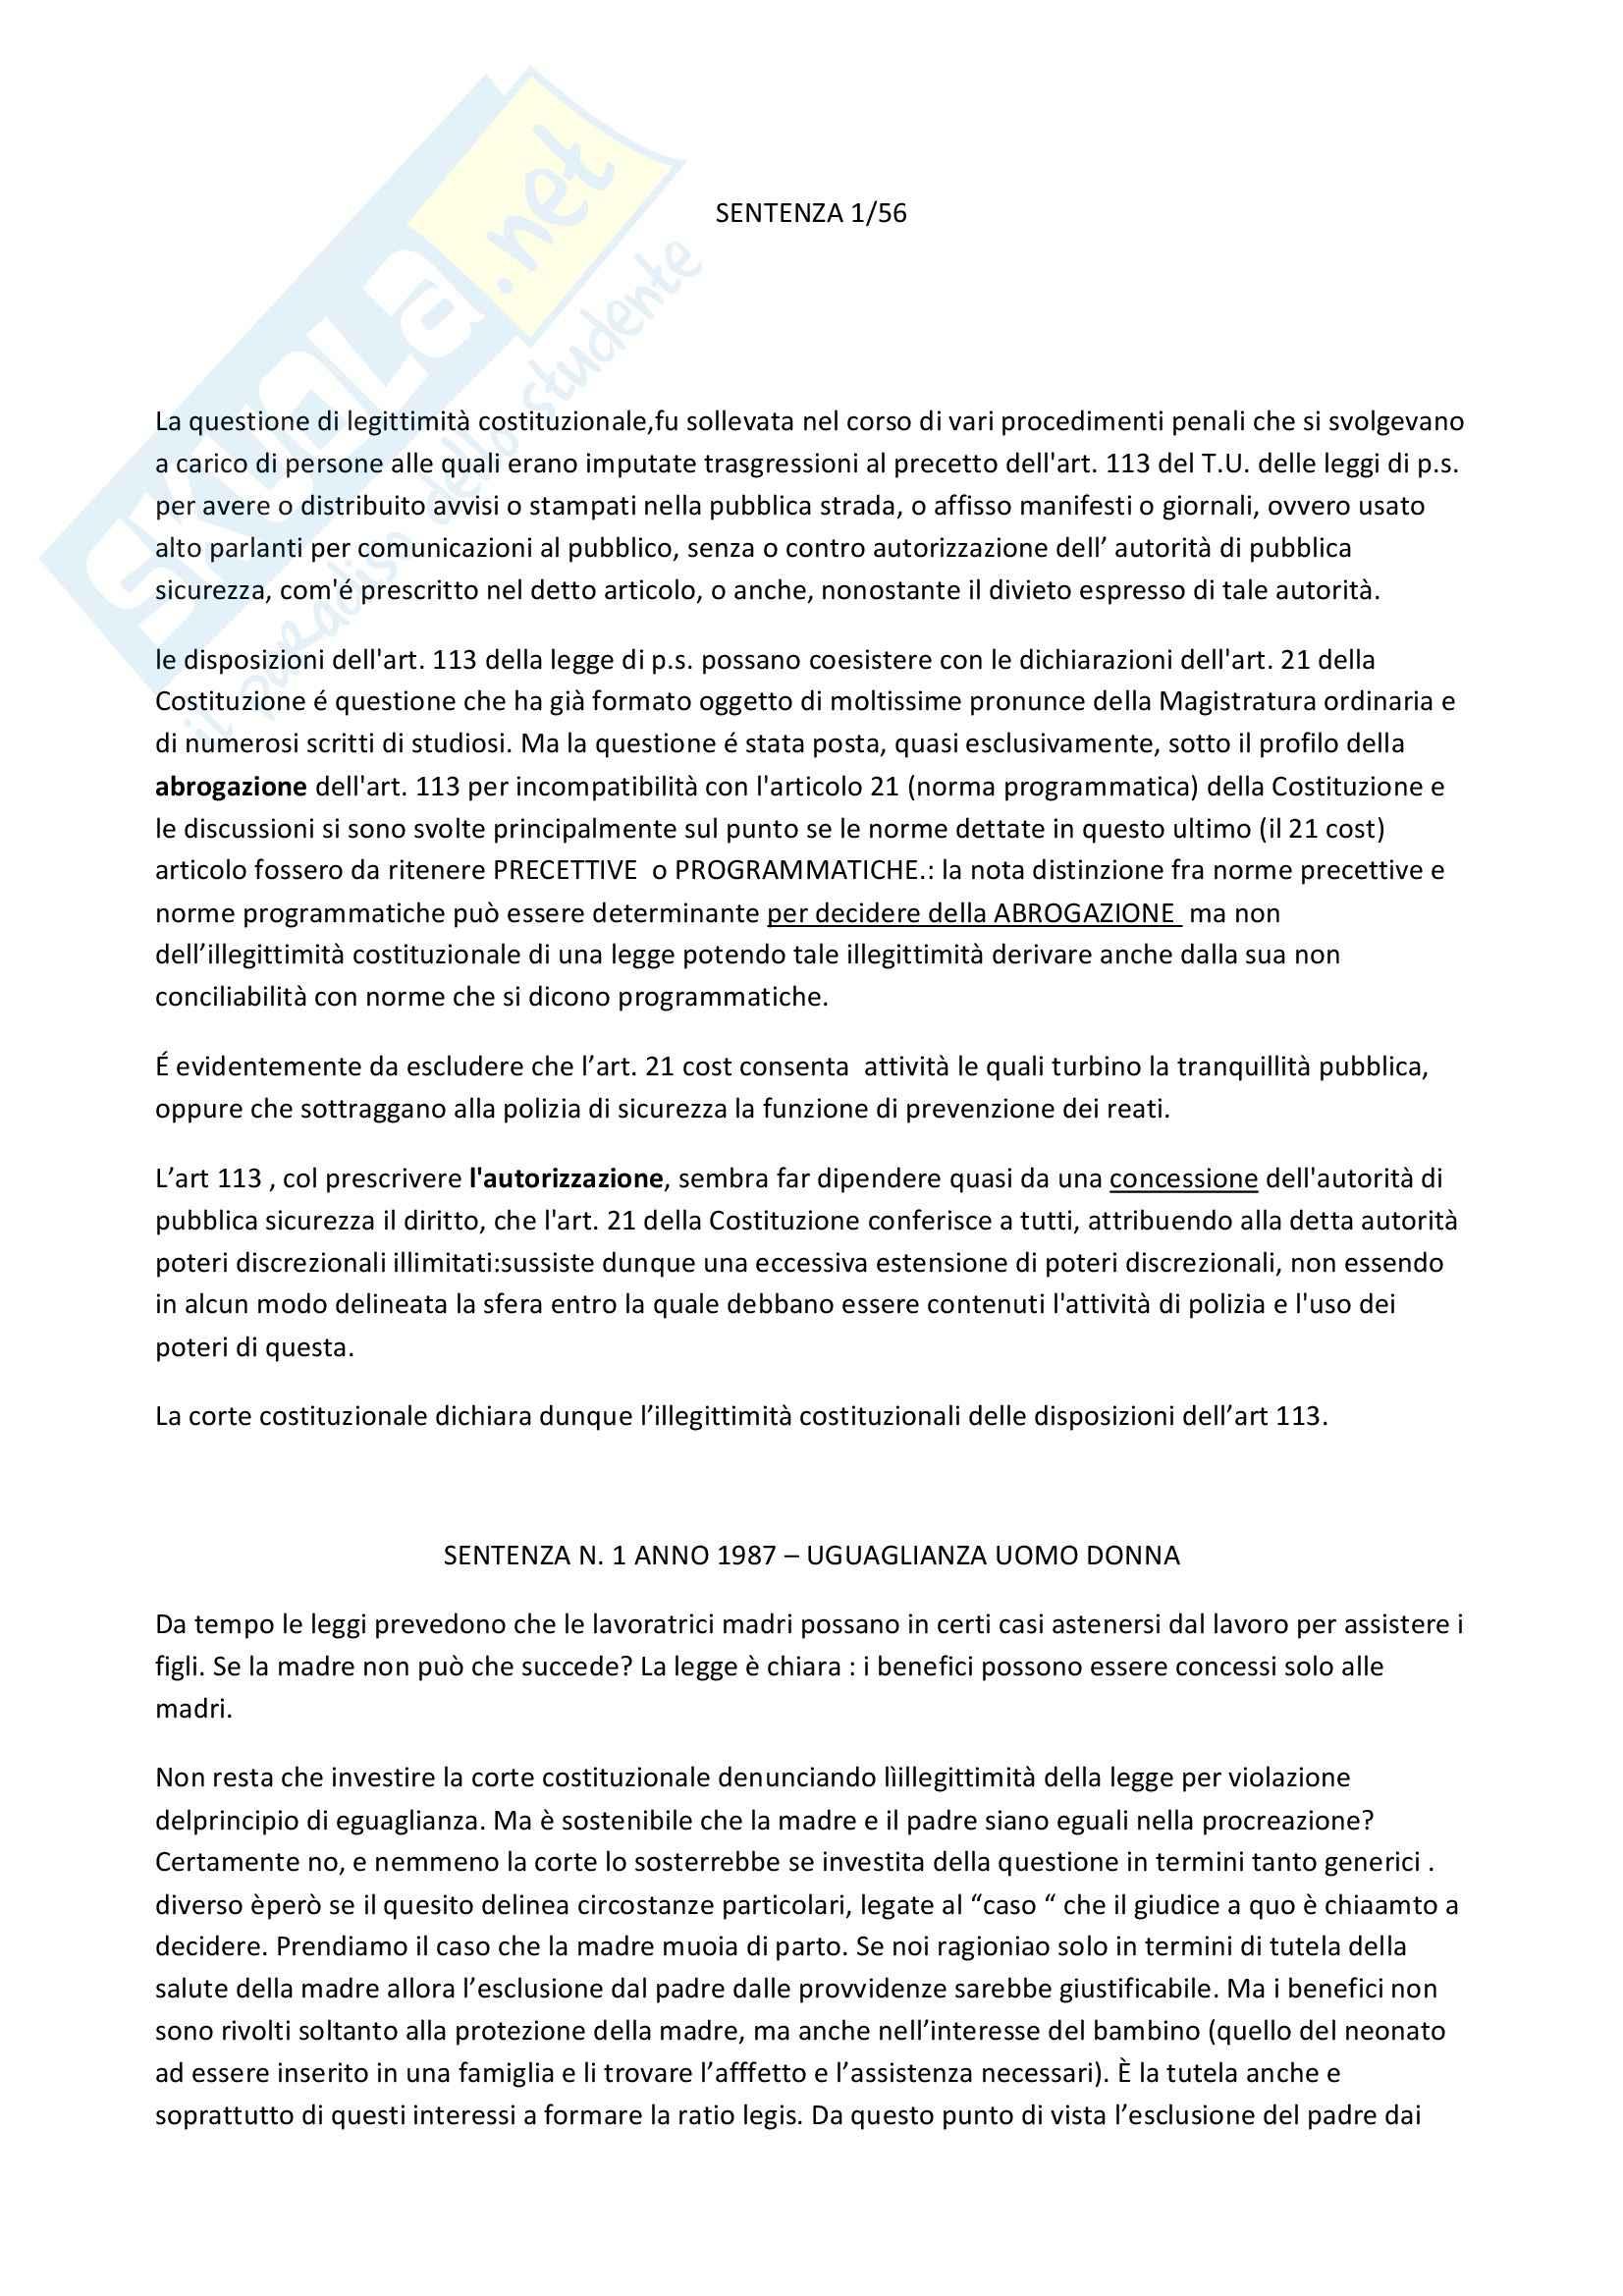 Diritto costituzionale - sentenze di Casonato Carlo